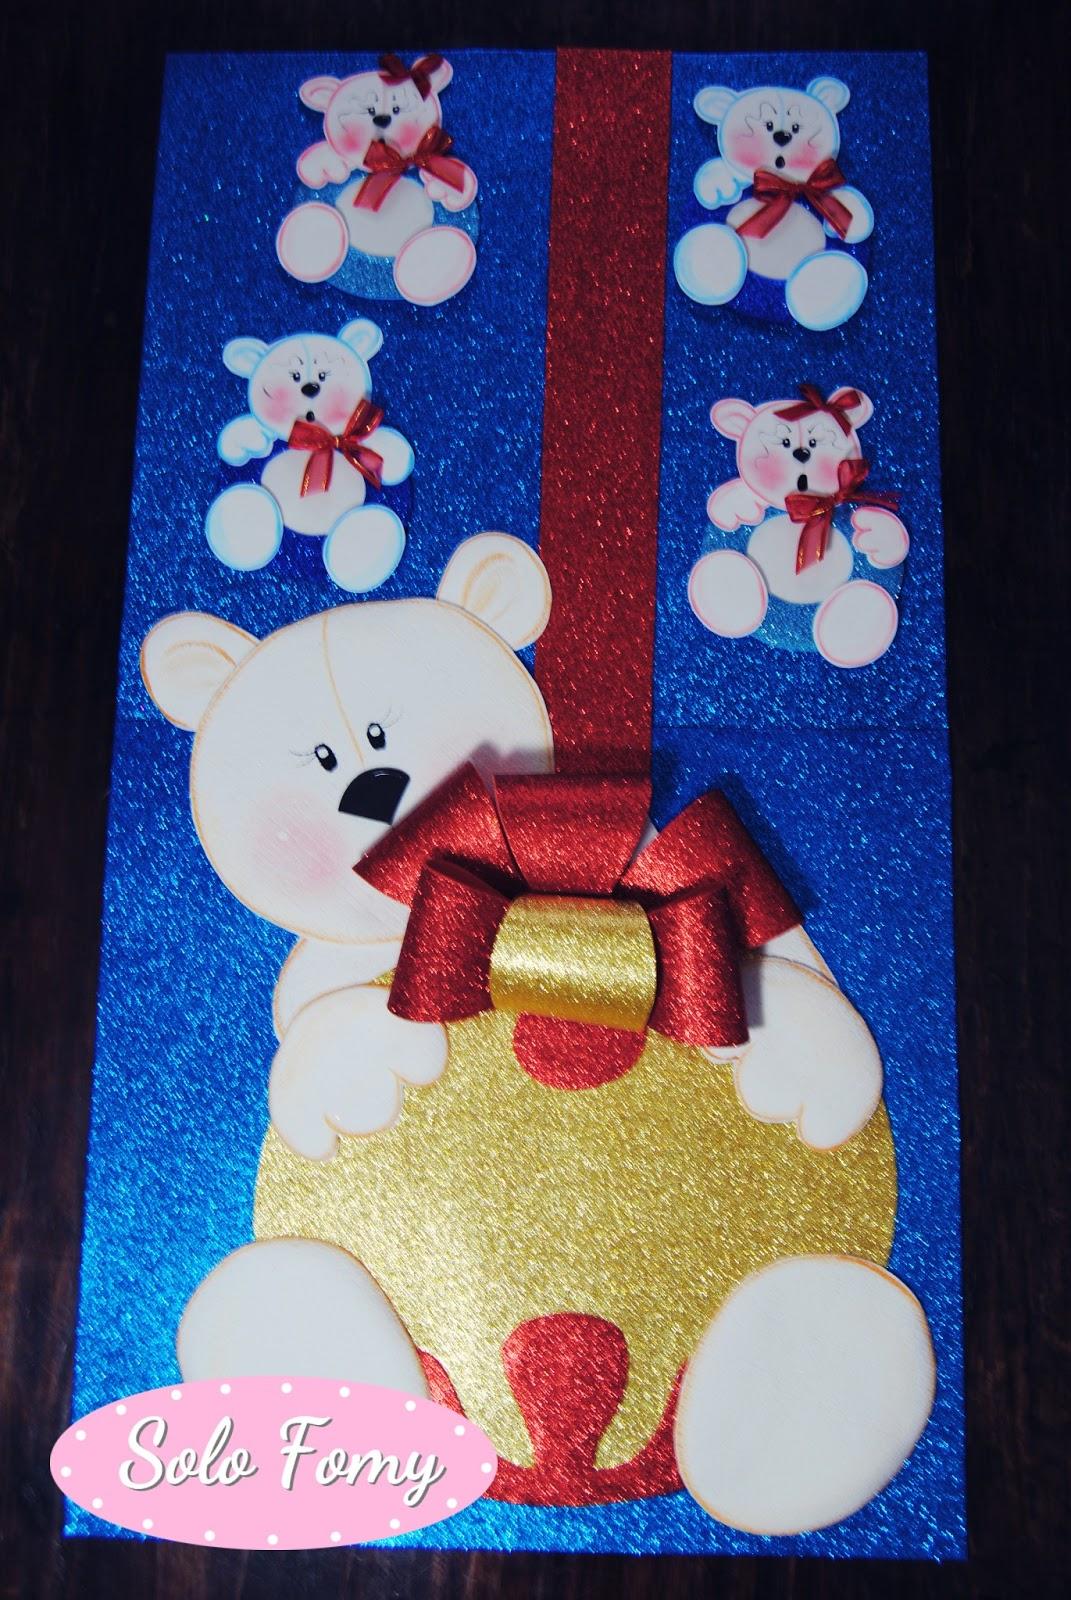 Solo fomy decoracion navide a para puertas - Decoracion de navidad para puertas ...